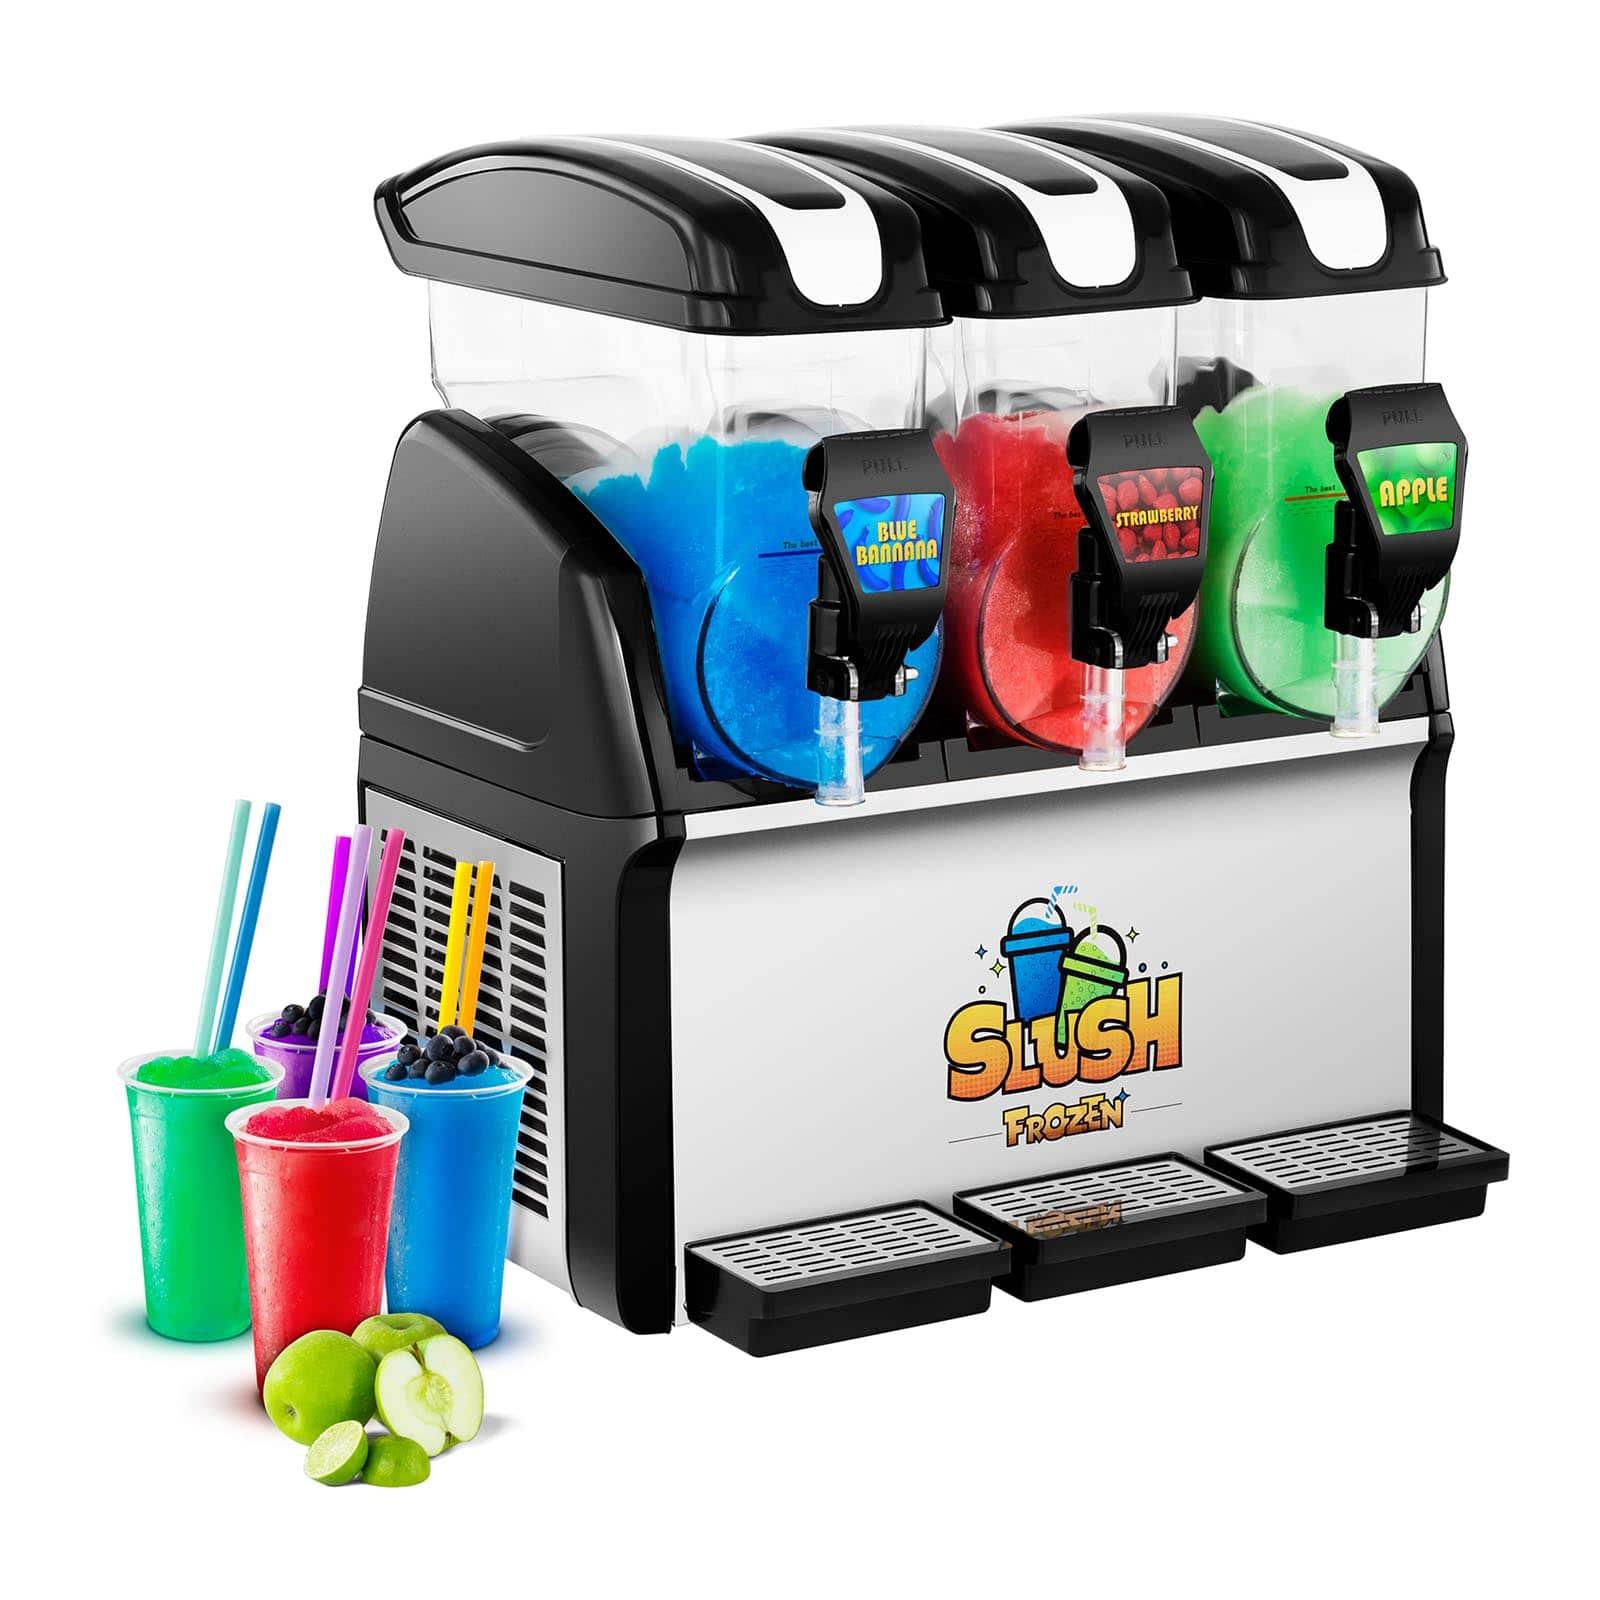 Slush ice-maskiner